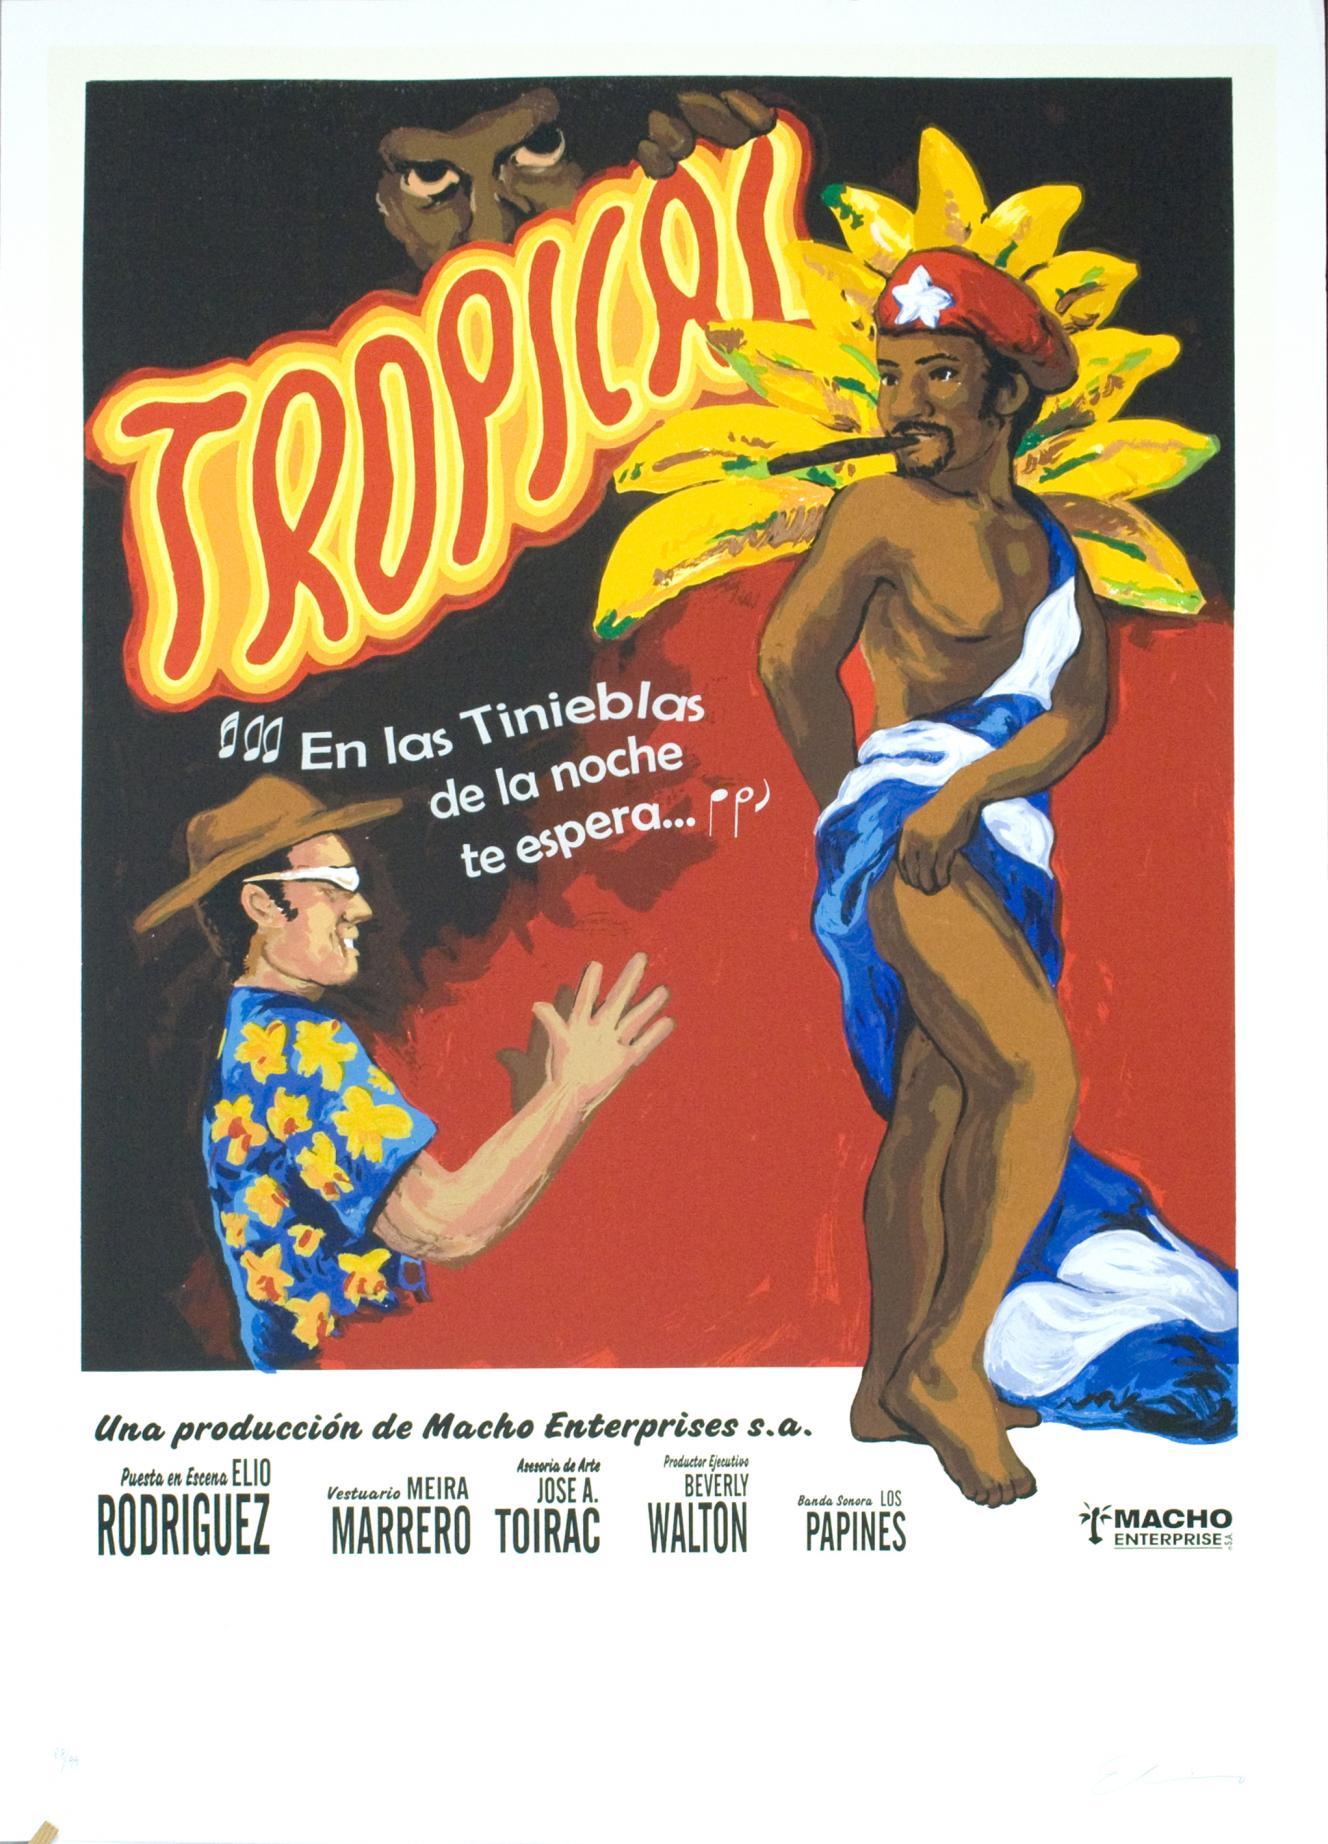 Tropical (2005) - Elio Rodríguez Valdés - El Macho